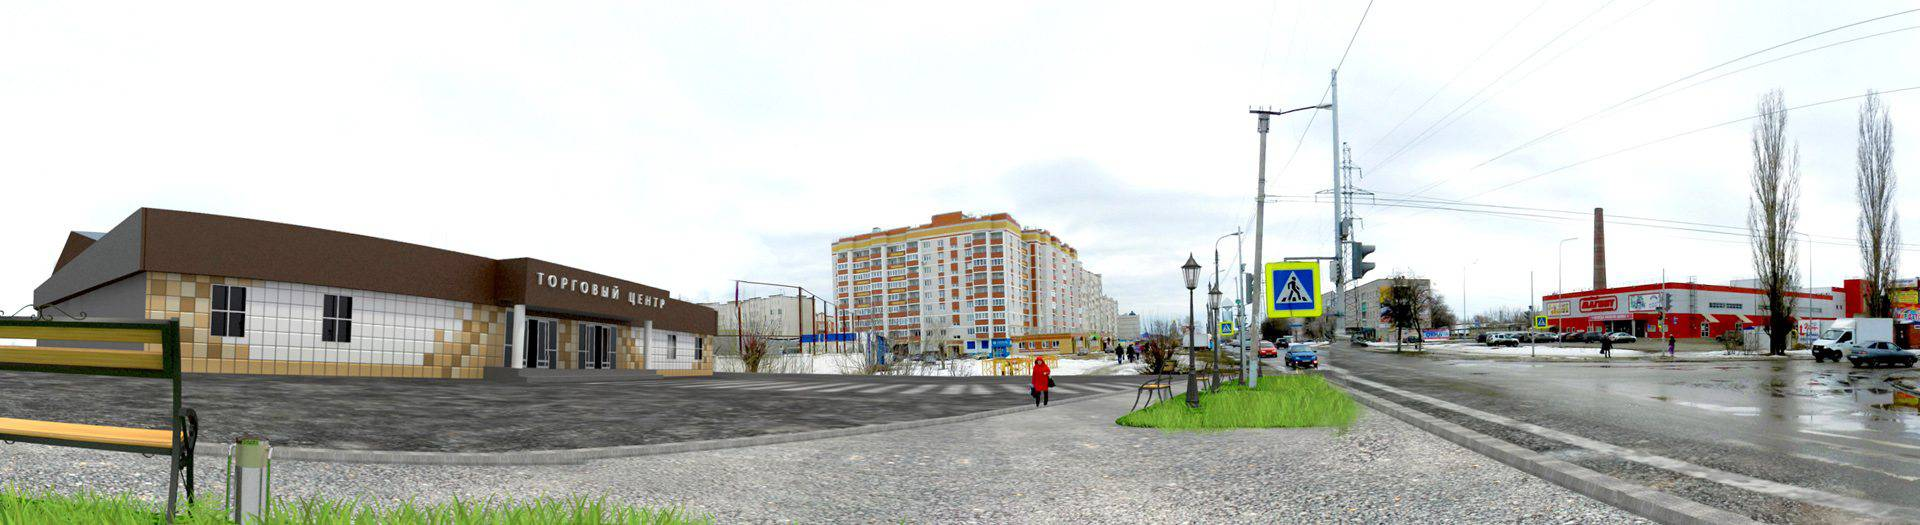 Визуализация здания бывшего молокозавода